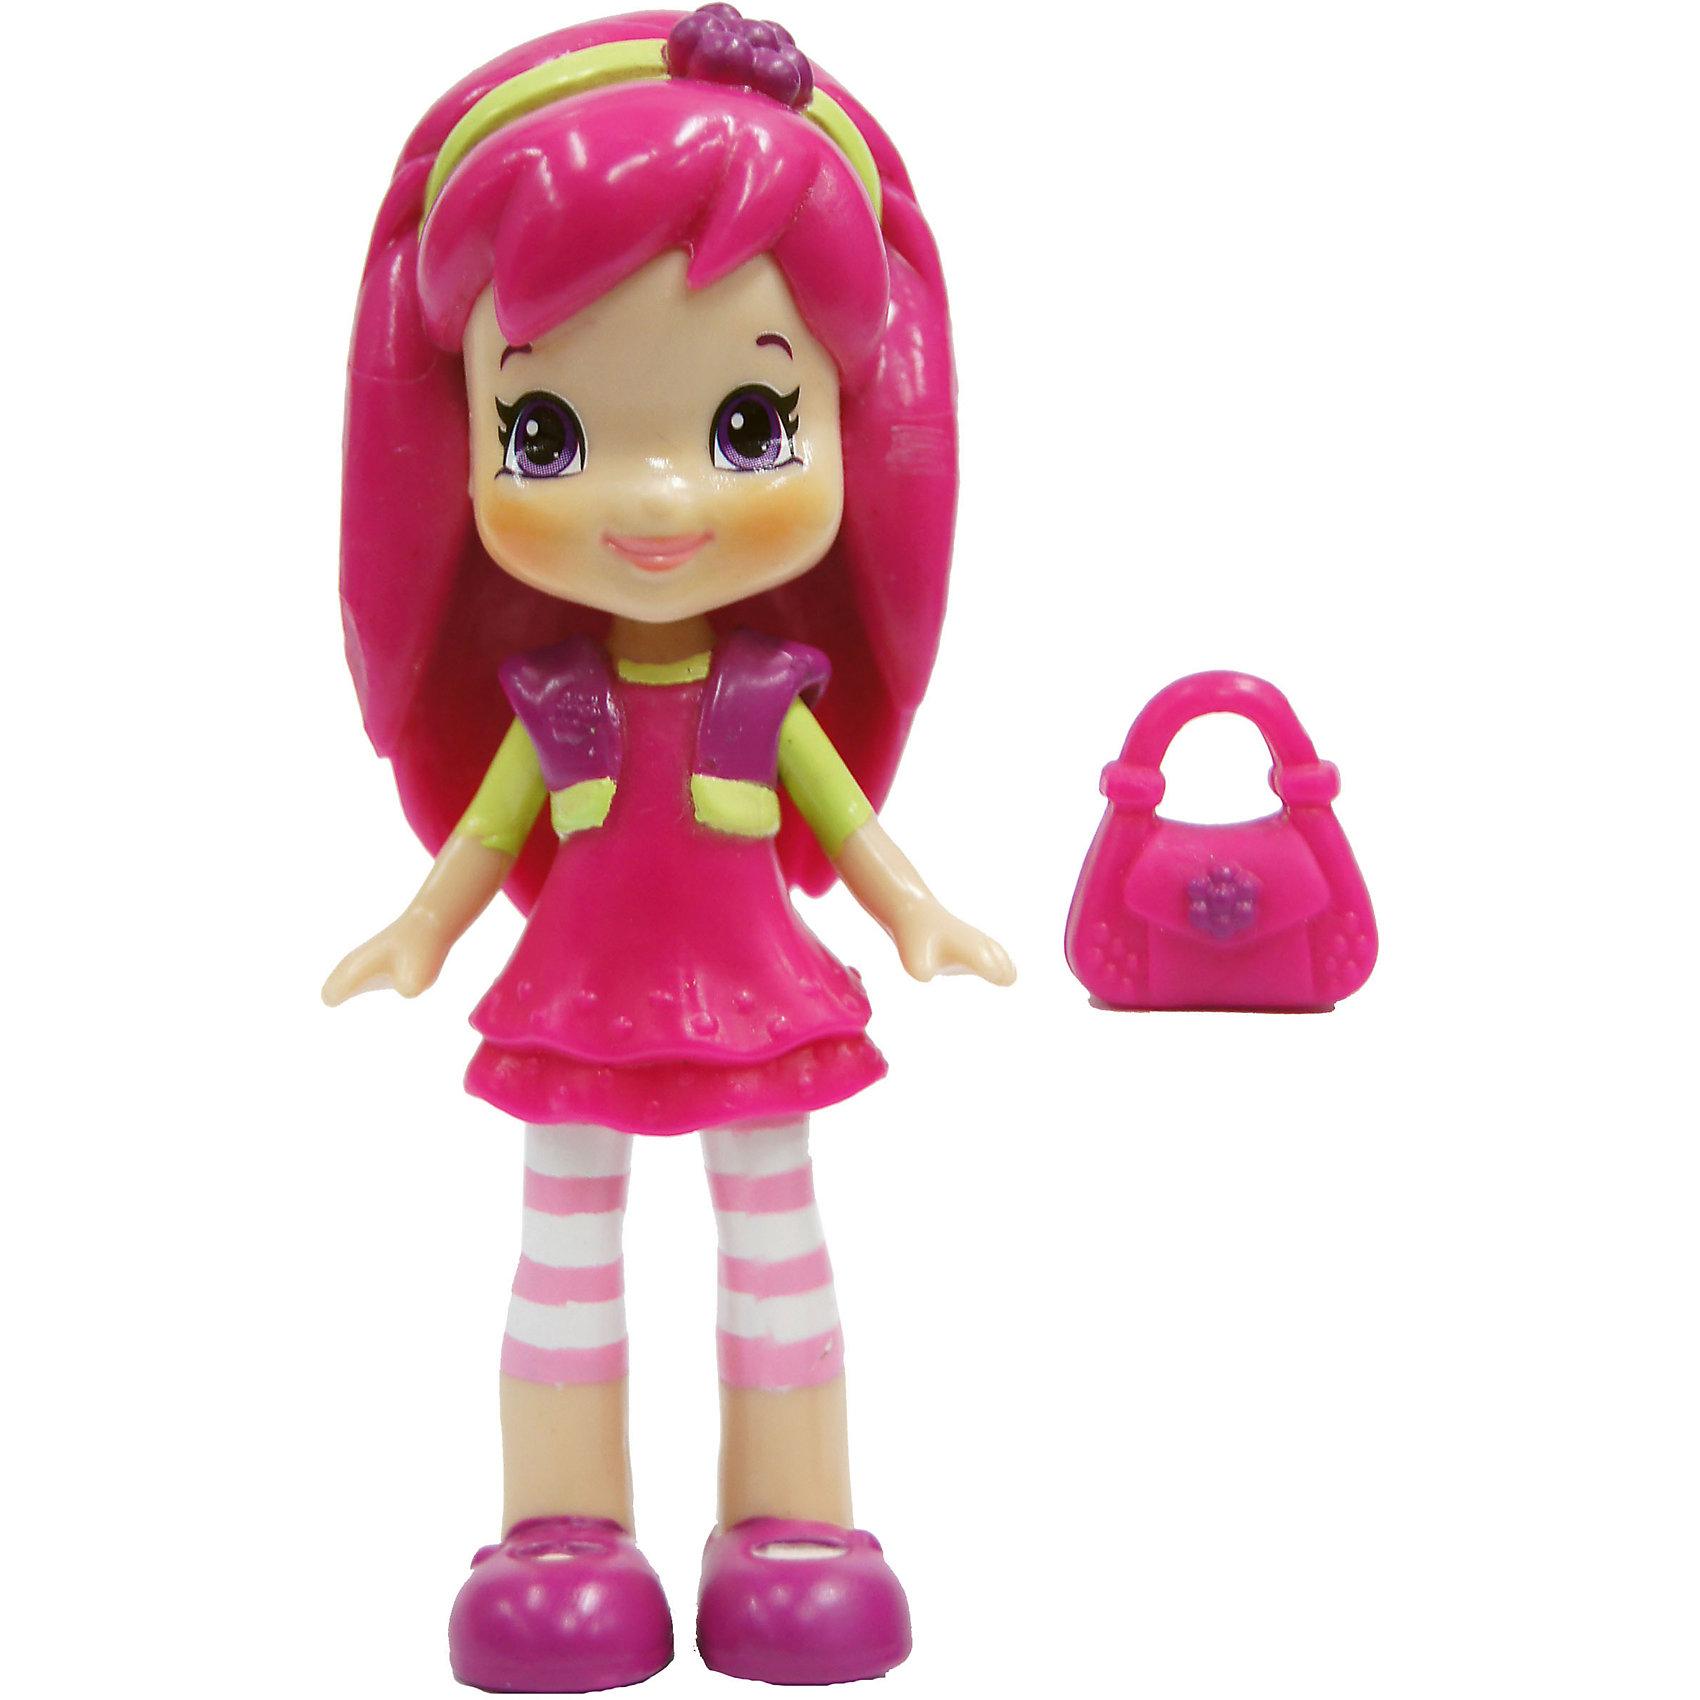 Кукла Малина, Шарлотта Земляничка, 8 см, The BridgeМинифигурка Strawberry Shortcake высотой 8 см – героиня мультсериала для девочек. Пластиковая фигурка Малины с подвижными конечностями. В комплекте с куколкой идет миниатюрная сумочка, которую можно надеть героине на ручку. <br><br>В процессе игры девочки придумывают новые сюжеты для героев мультфильма «Шарлотта Земляничка», заботятся о своих подопечных. <br><br>Размер упаковки: 11х3х16 см<br>Вес упаковки: 100 г<br><br>Куклу Малина, Шарлотта Земляничка, 8 см, The Bridge можно купить в нашем интернет-магазине.<br><br>Ширина мм: 40<br>Глубина мм: 115<br>Высота мм: 160<br>Вес г: 81<br>Возраст от месяцев: 36<br>Возраст до месяцев: 2147483647<br>Пол: Женский<br>Возраст: Детский<br>SKU: 5064323